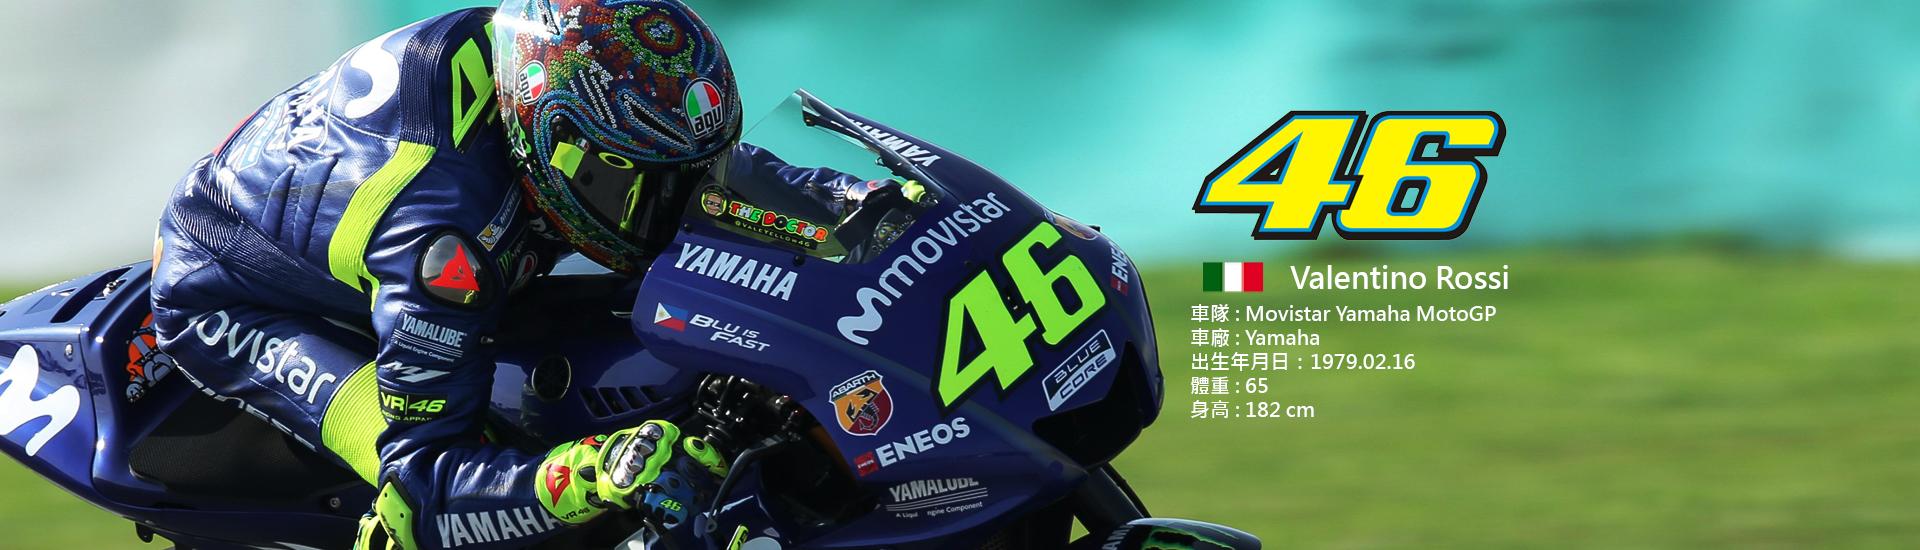 2018 MotoGP 【46】Valentino Rossi